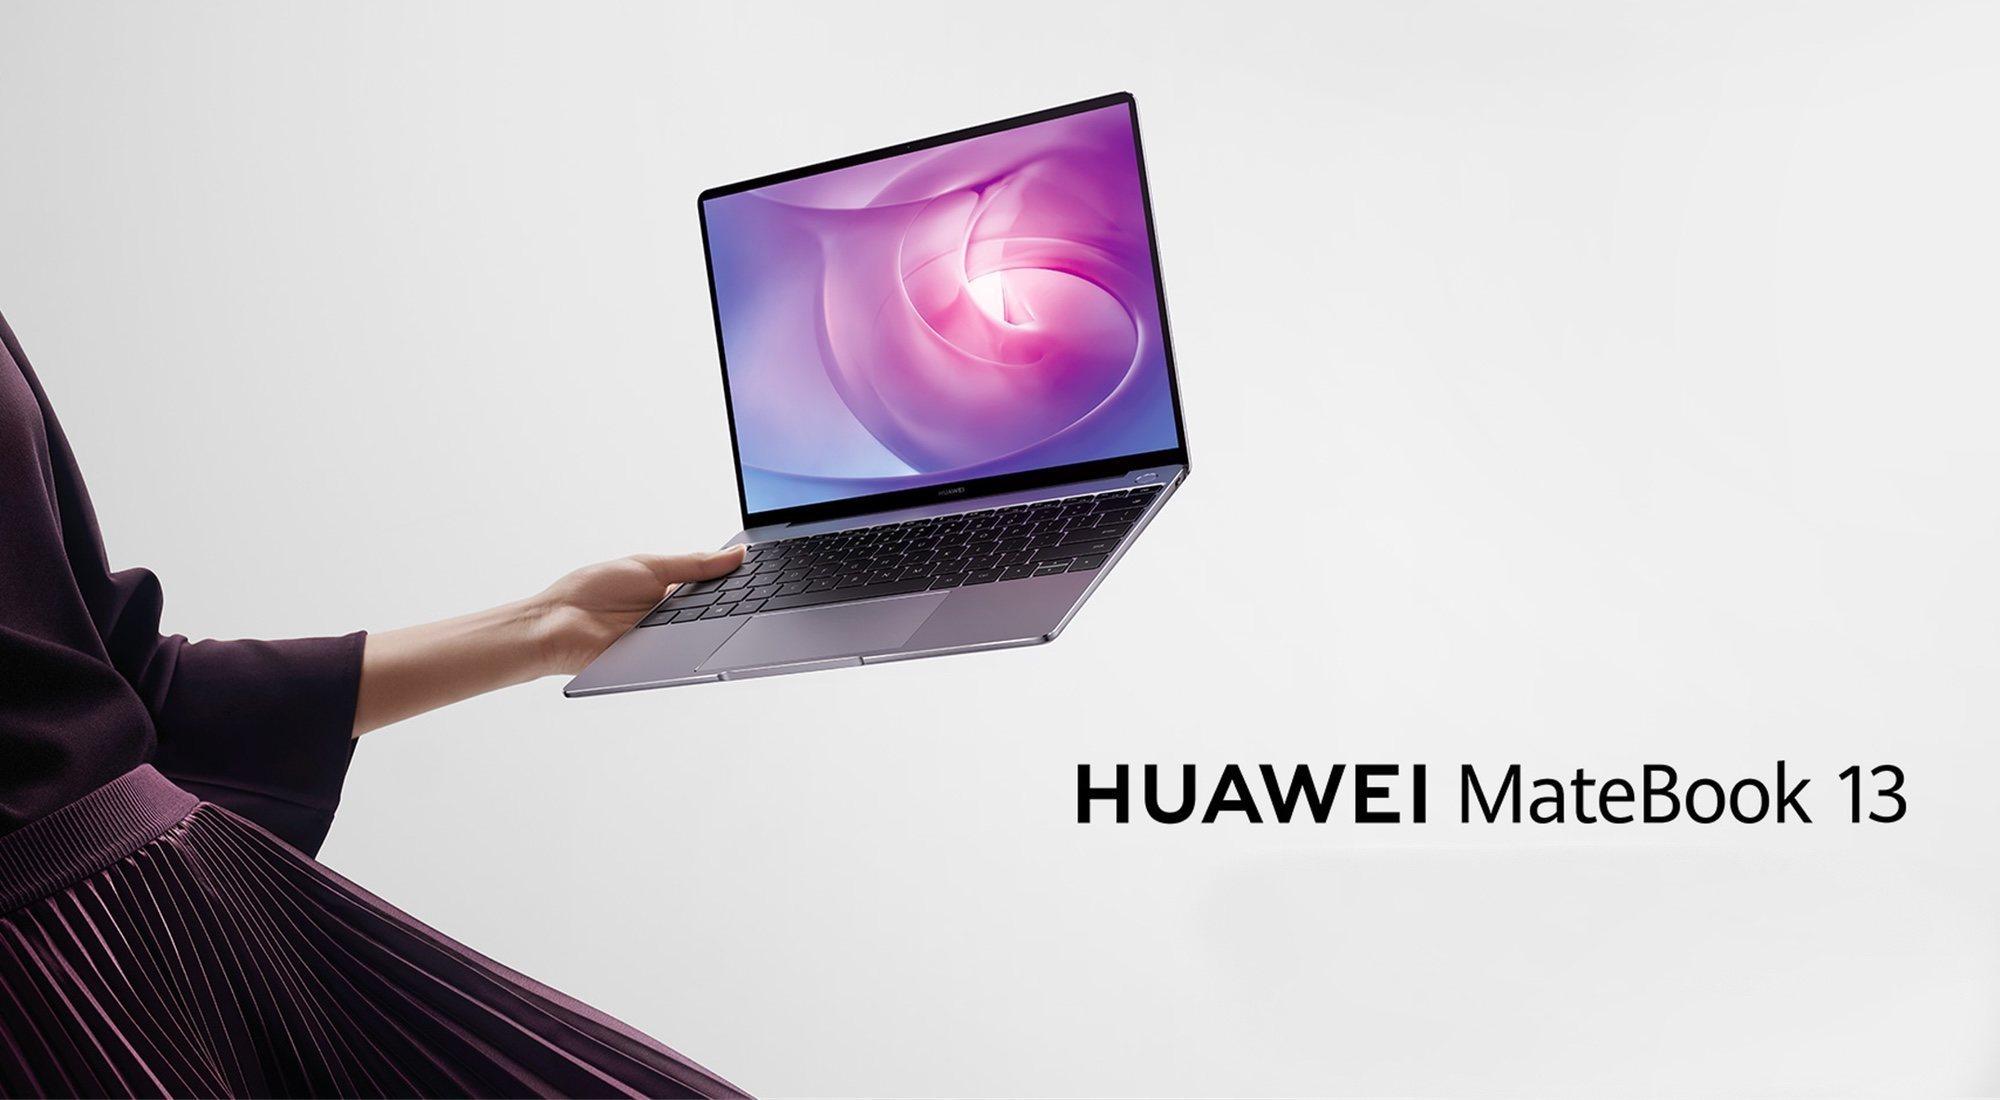 ¿Cómo disfrutar al máximo de la pantalla de la nueva HUAWEI MateBook 13?